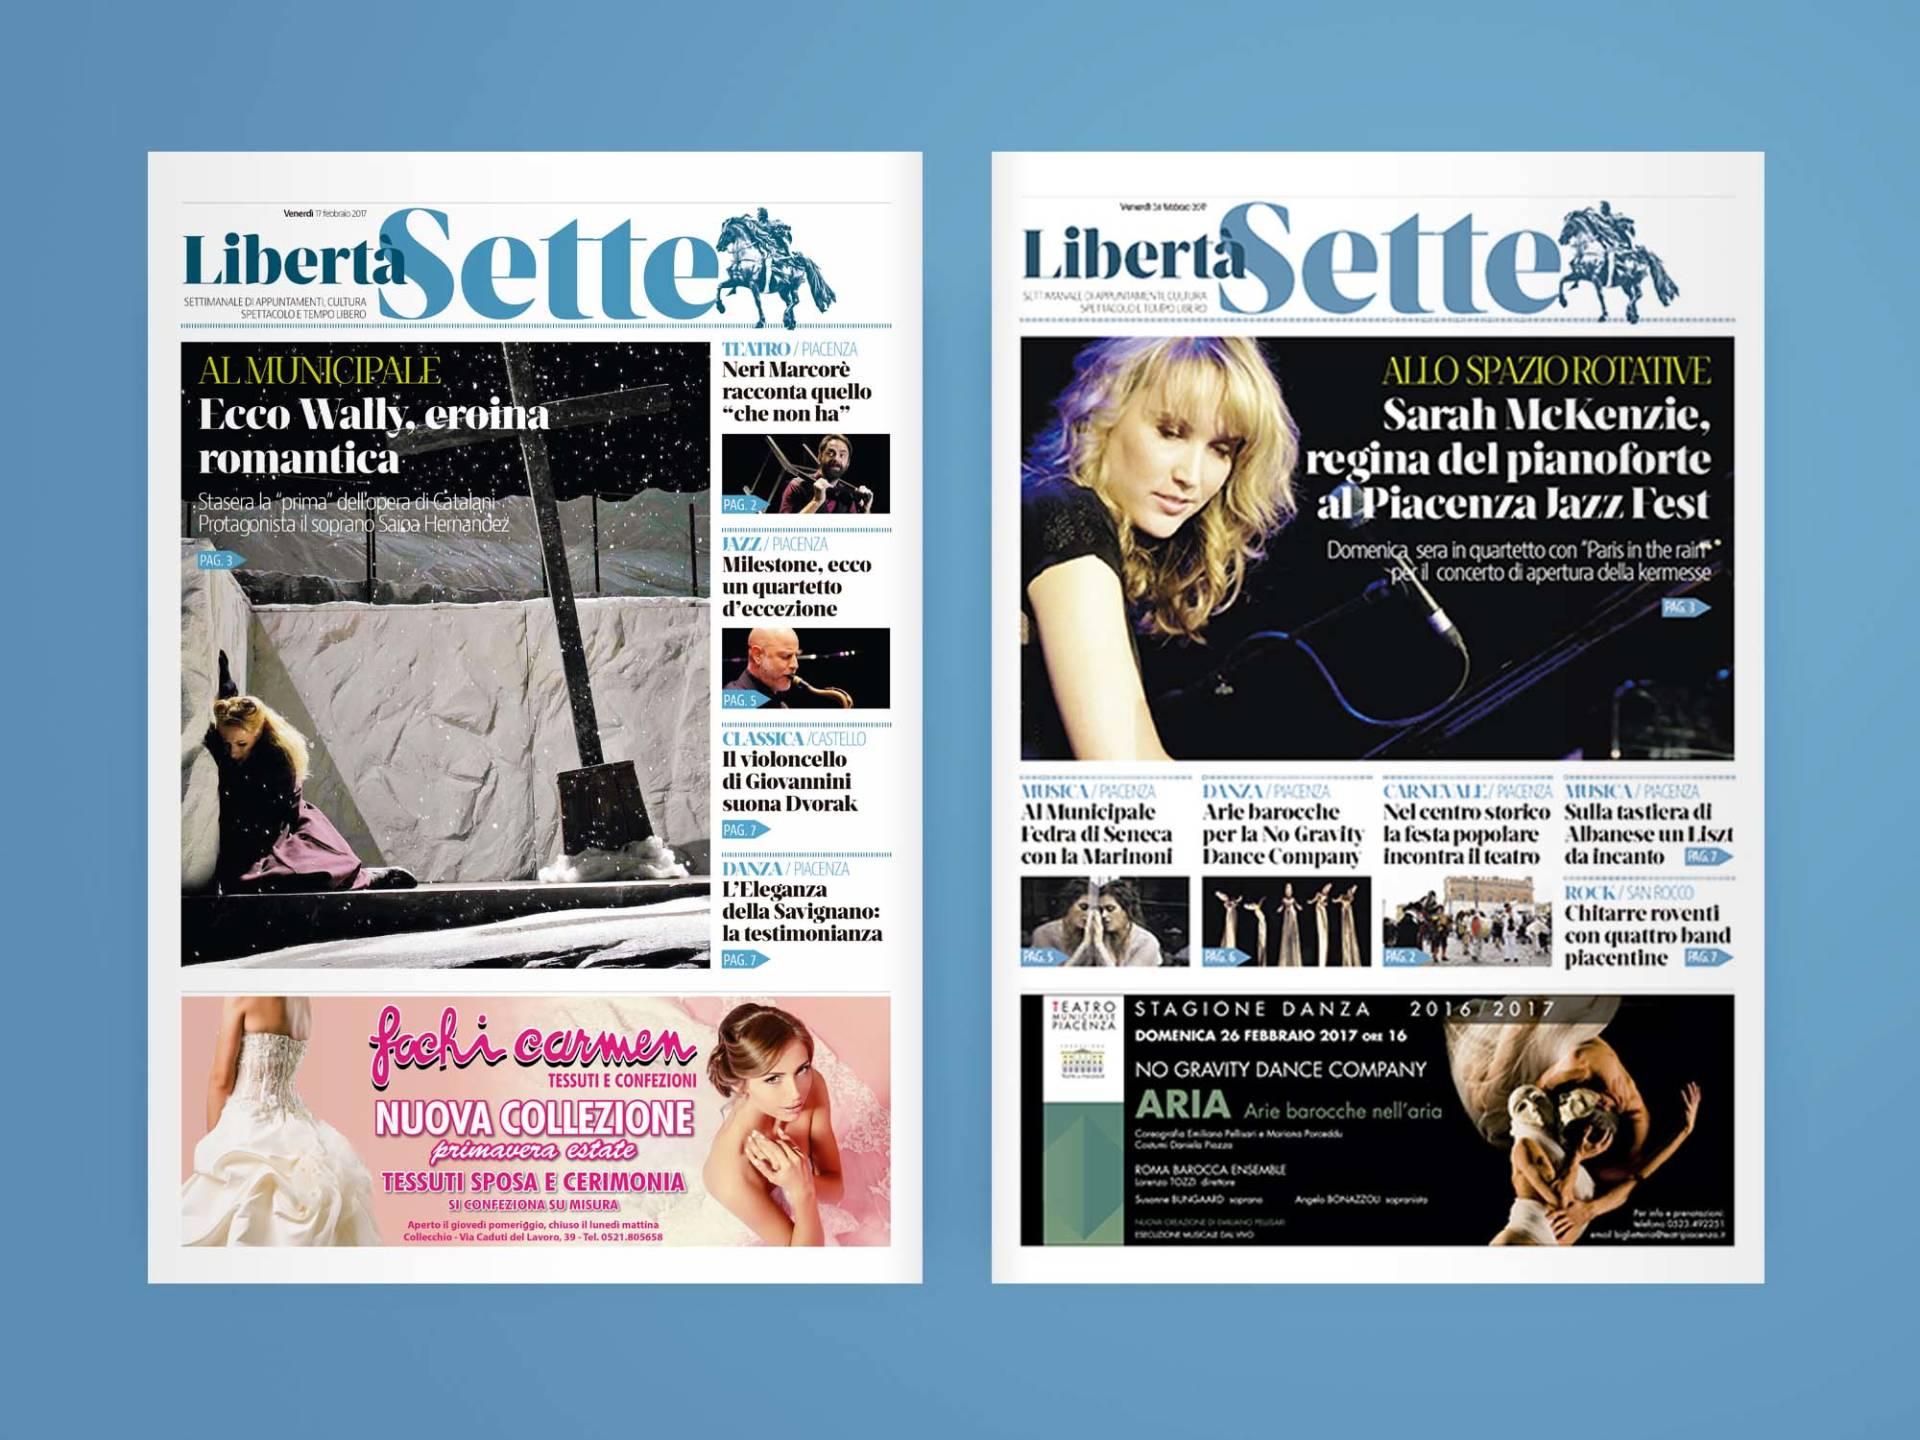 Libertà_Sette_01a_Wenceslau_News_Design